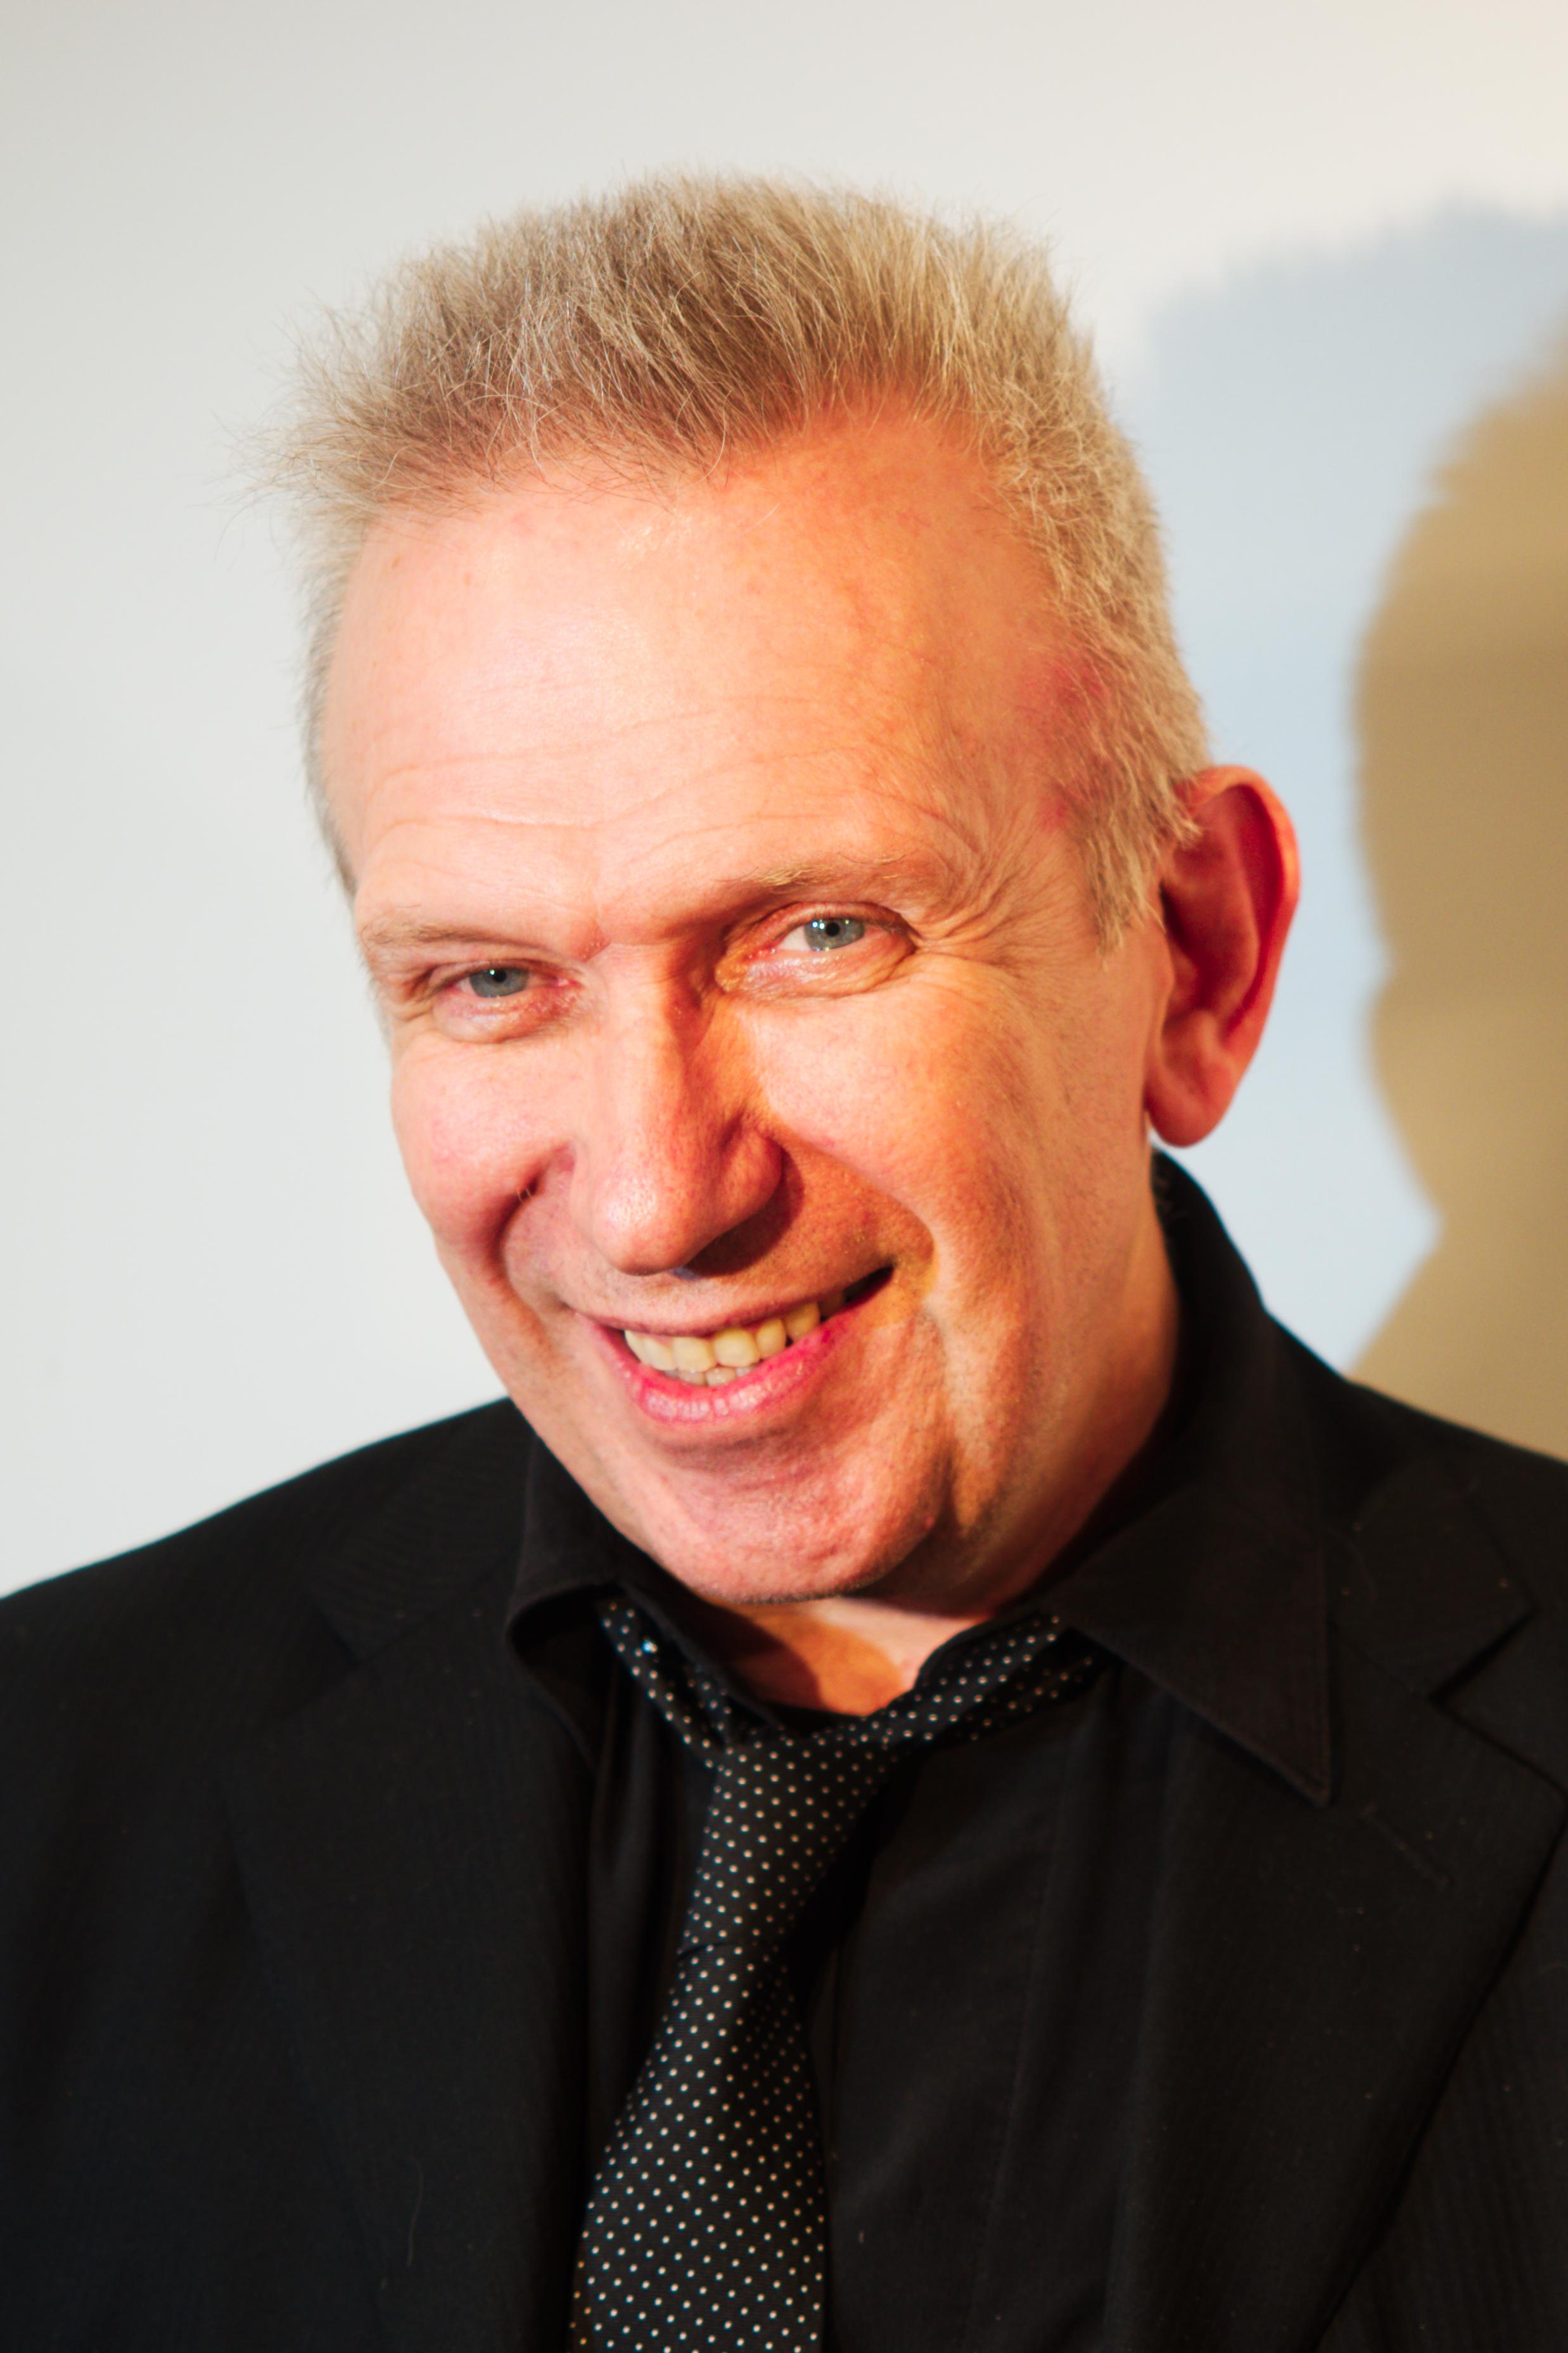 Er 69-år gammel 183 cm høj Jean Paul Gaultier i 2021